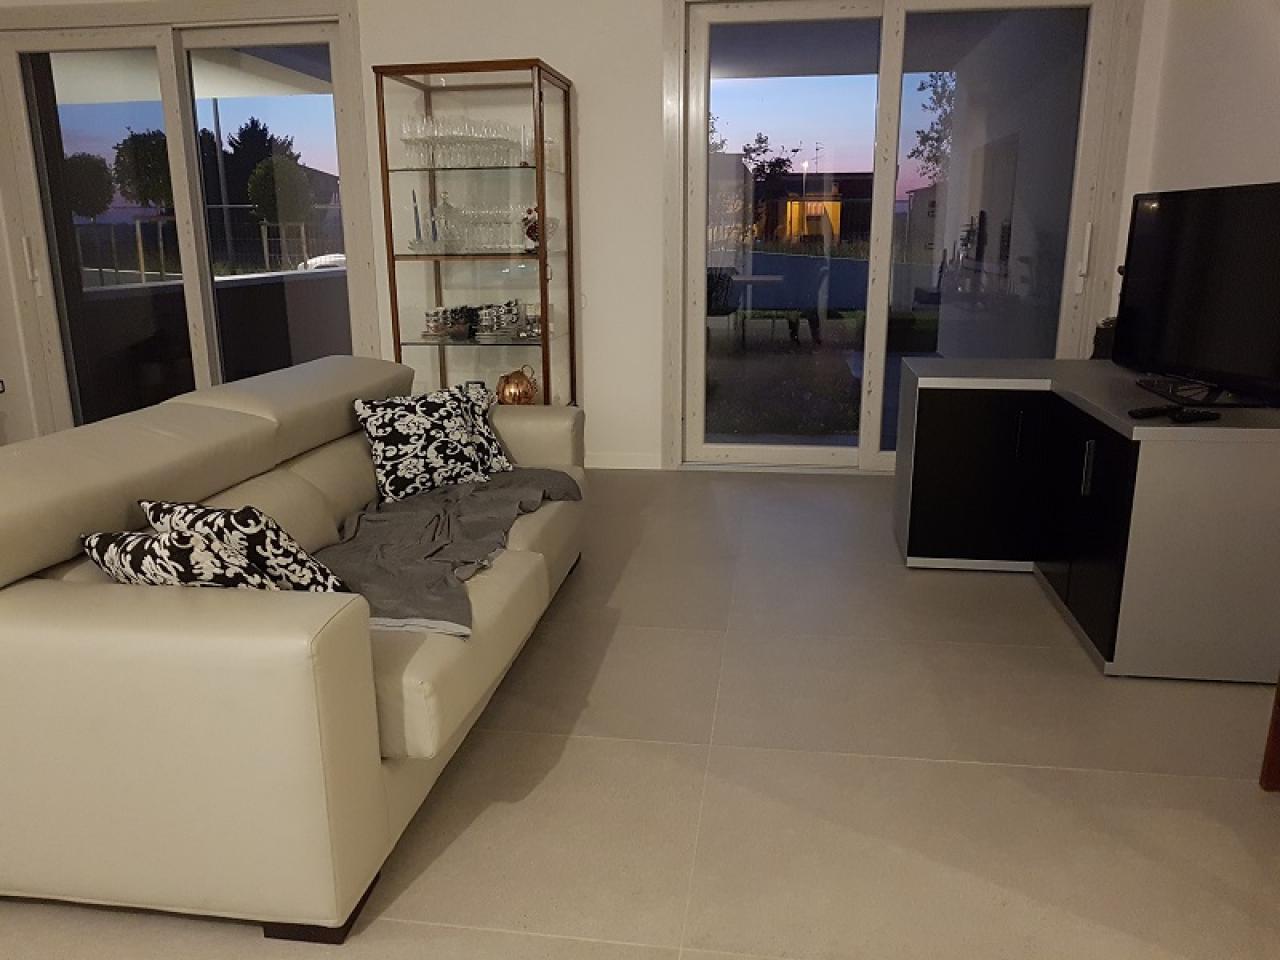 Bagni e piastrelle a pavimento in una casa moderna a ronco all